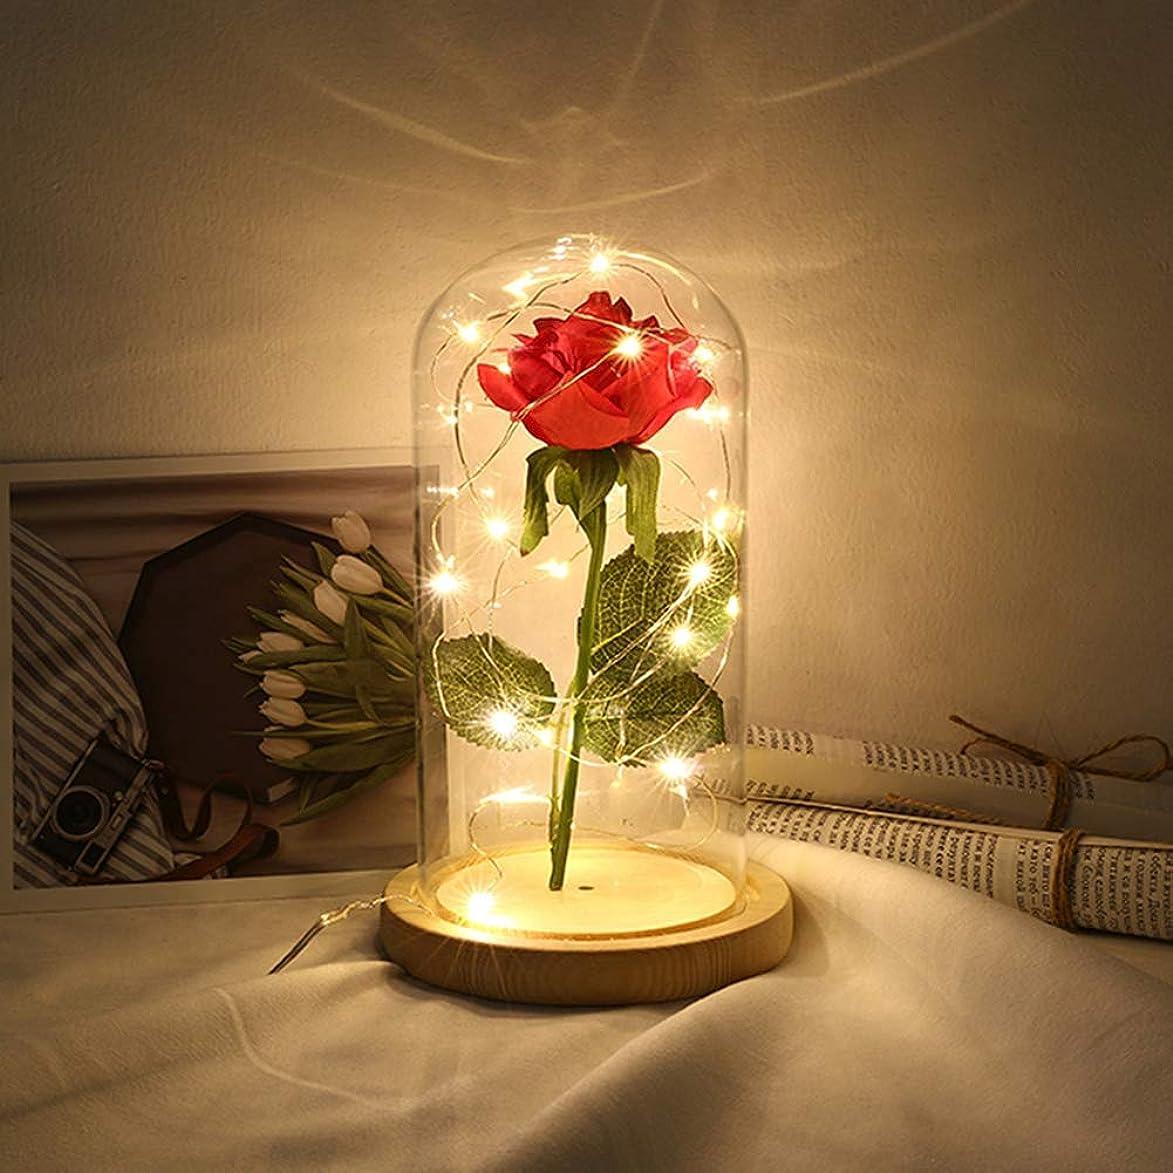 エジプト粒子悩みプリザーブドシルクローズ花20 LED USBストリングライトガラスドームカバーの家の装飾のためのベースクリスマスバレンタインデー記念日誕生日ウェディングギフト彼女のため(ベージュ)